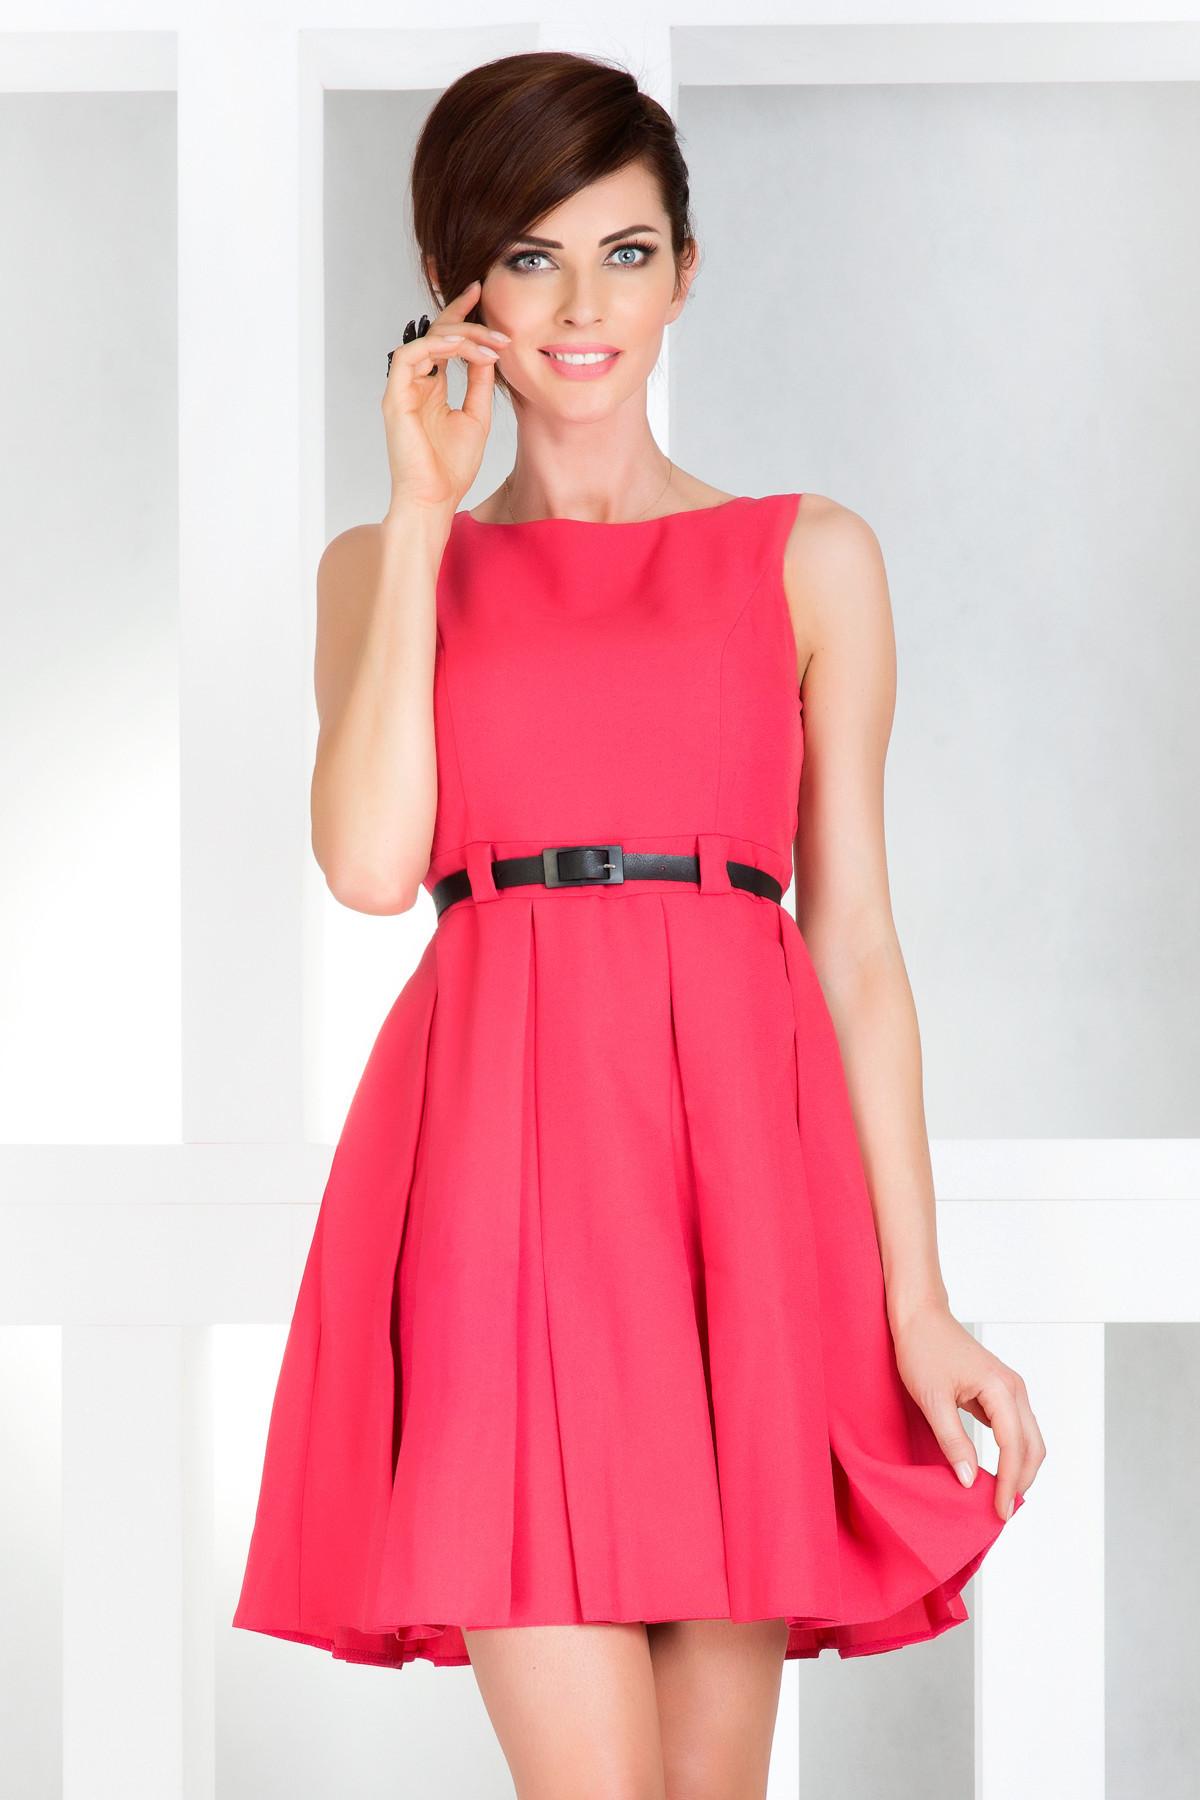 Dámské společenské šaty NUMOCO s páskem středně dlouhé růžová XL